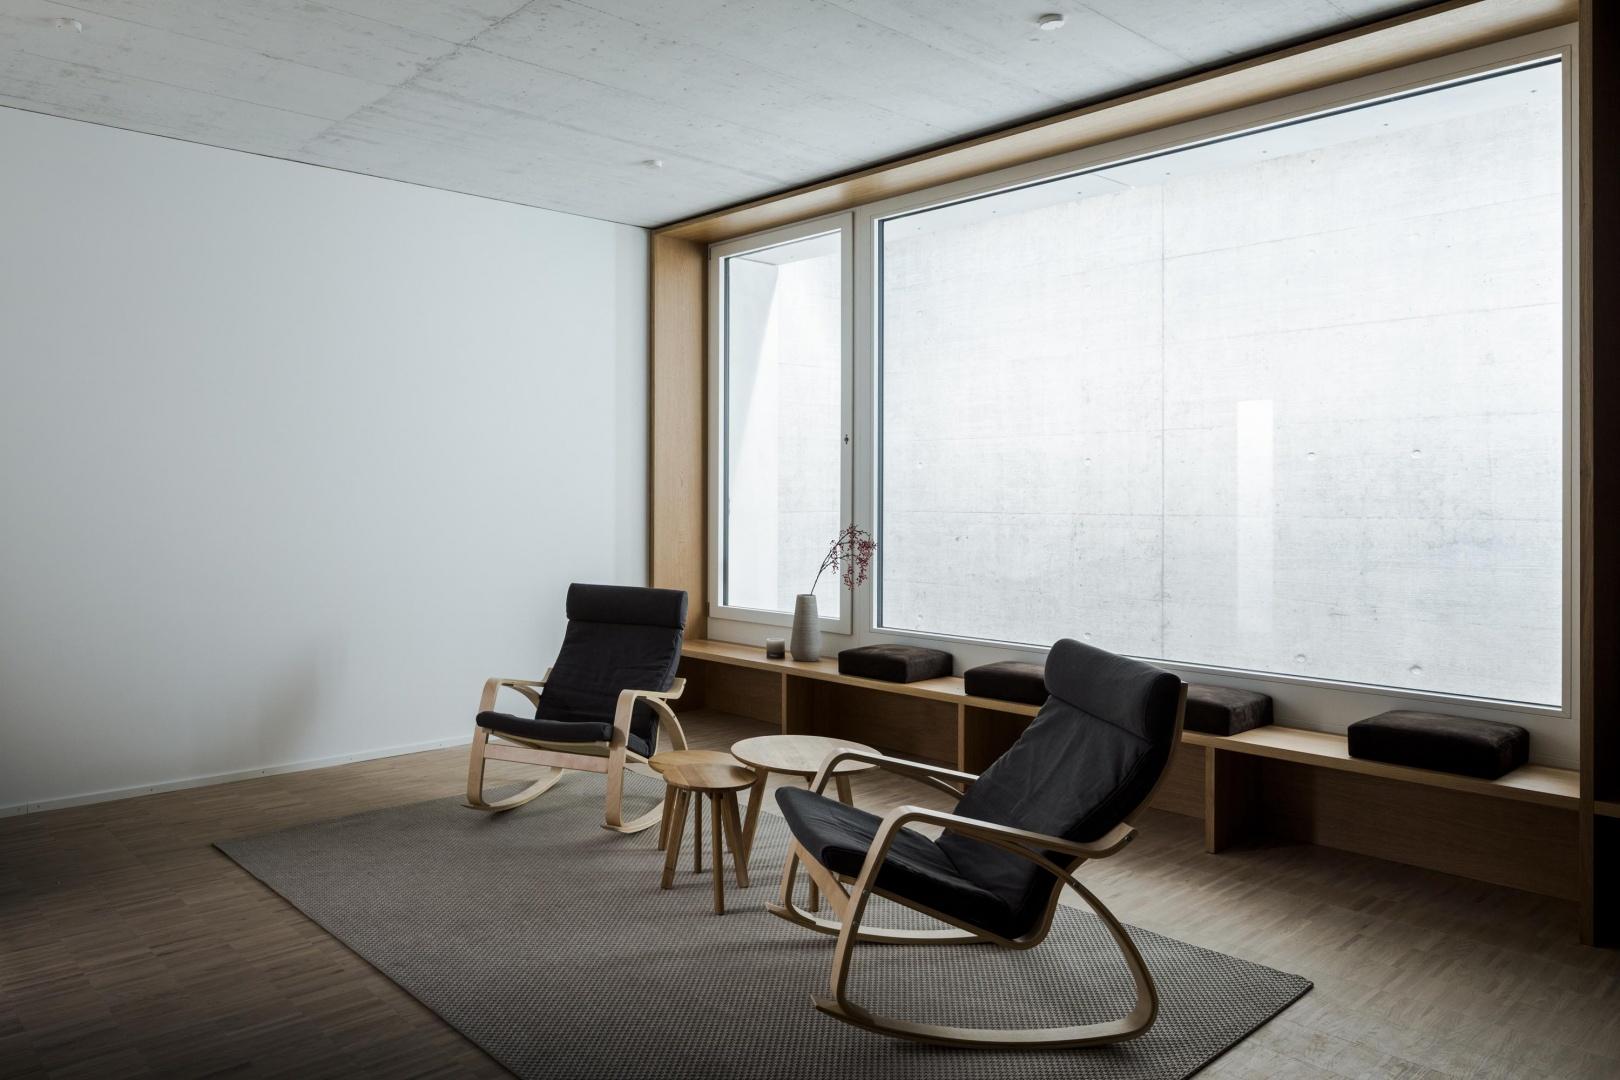 Ruheraum Bürogebäude 3-Plan © Architektur: Bob Gysin Partner, Zürich; Fotografie: Dominique Marc Wehrli, Winterthur